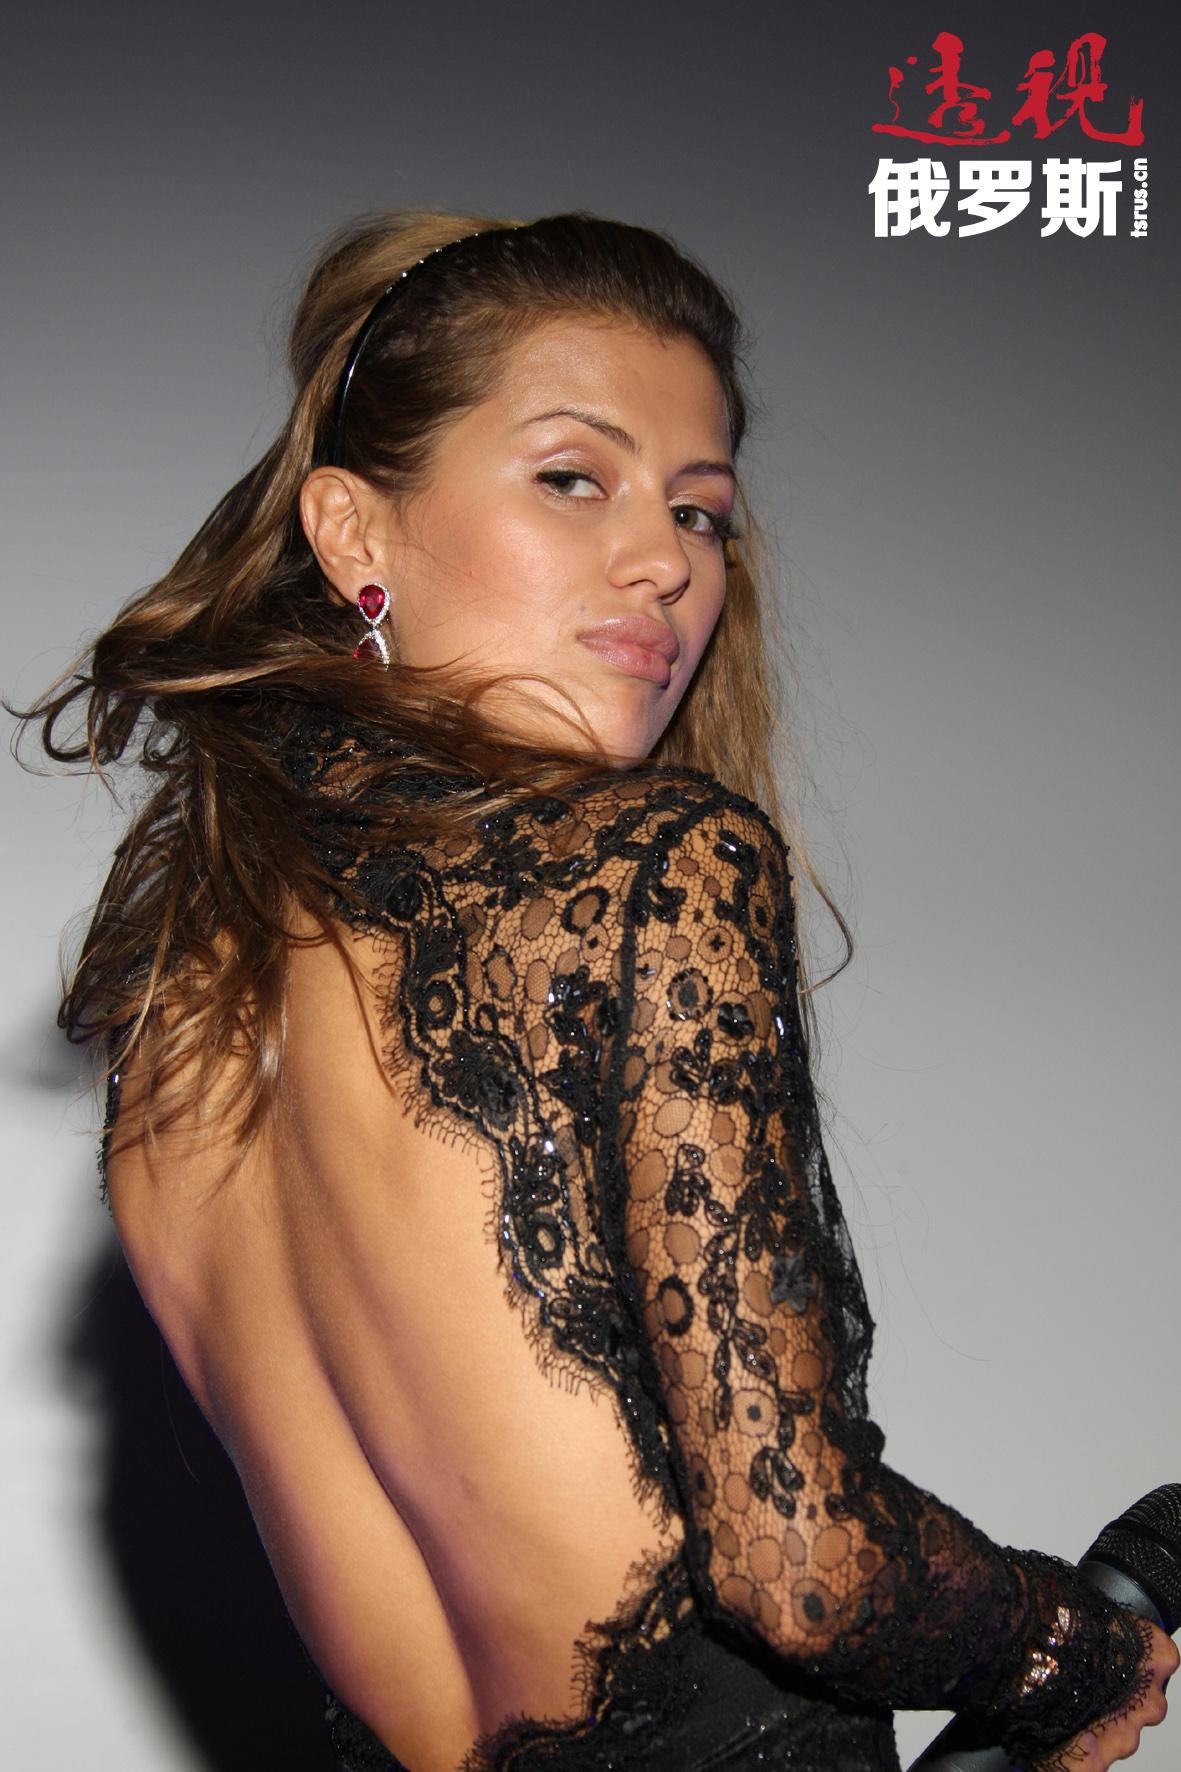 """2007年5月,她进入《TimeOut Moscow》杂志评选的""""50名最美丽莫斯科人""""排行榜。"""